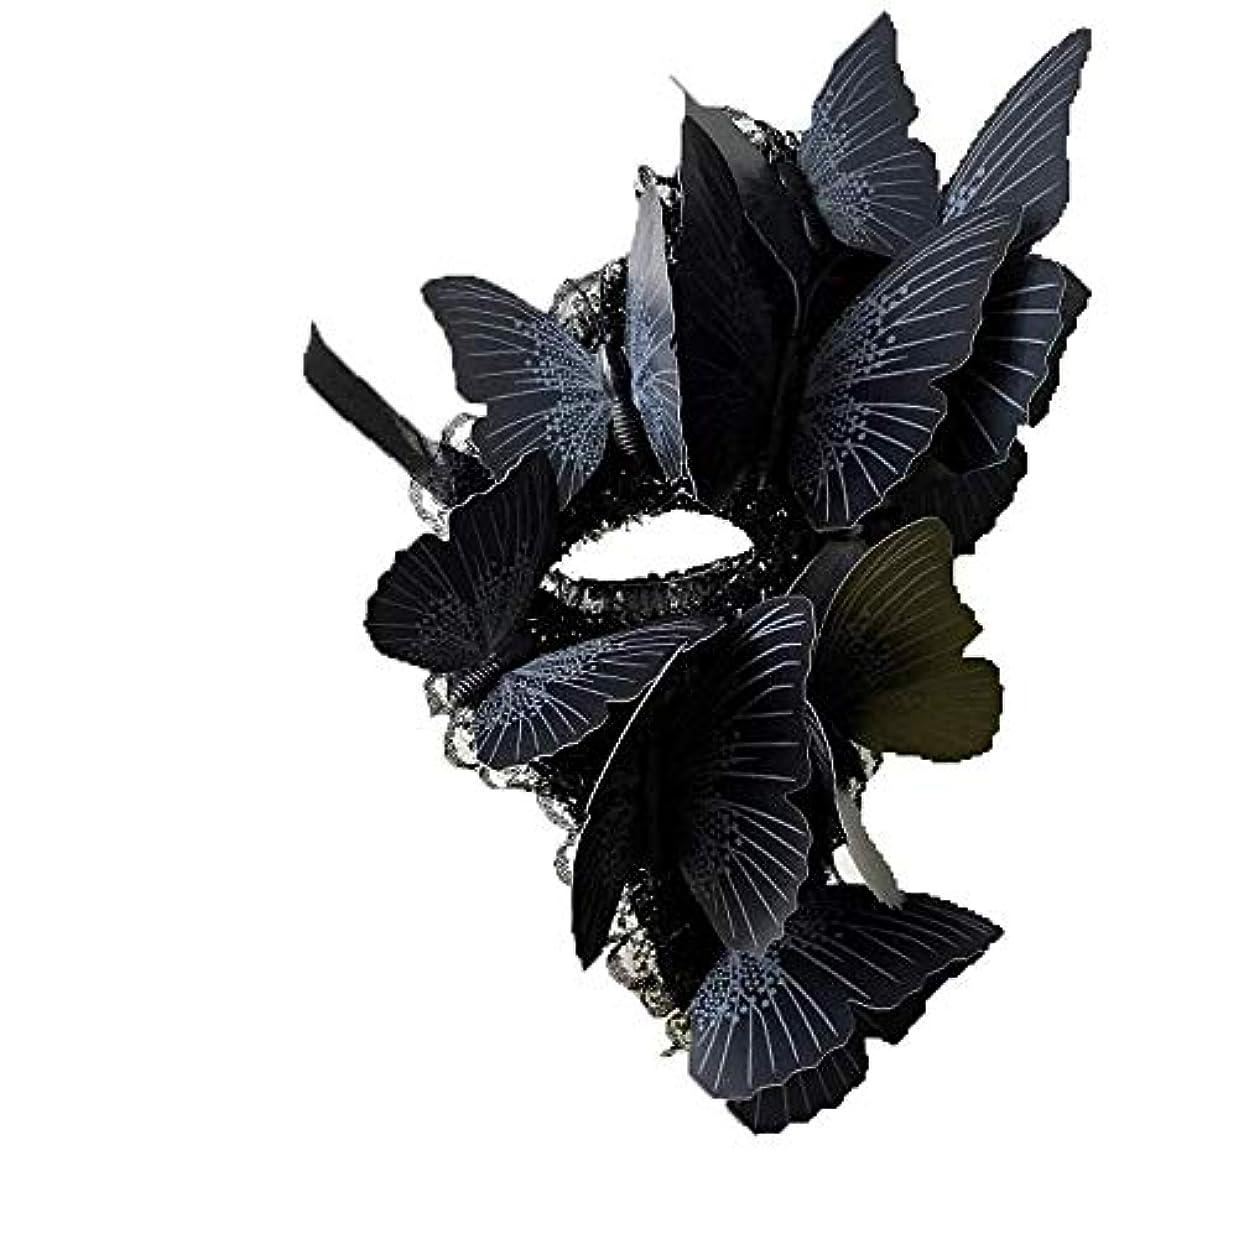 先電信参照Nanle ハロウィーンの蝶単眼マスク仮装マスクレディミスプリンセス美しさの祭パーティ装飾 (色 : Style B, サイズ さいず : Right eye)